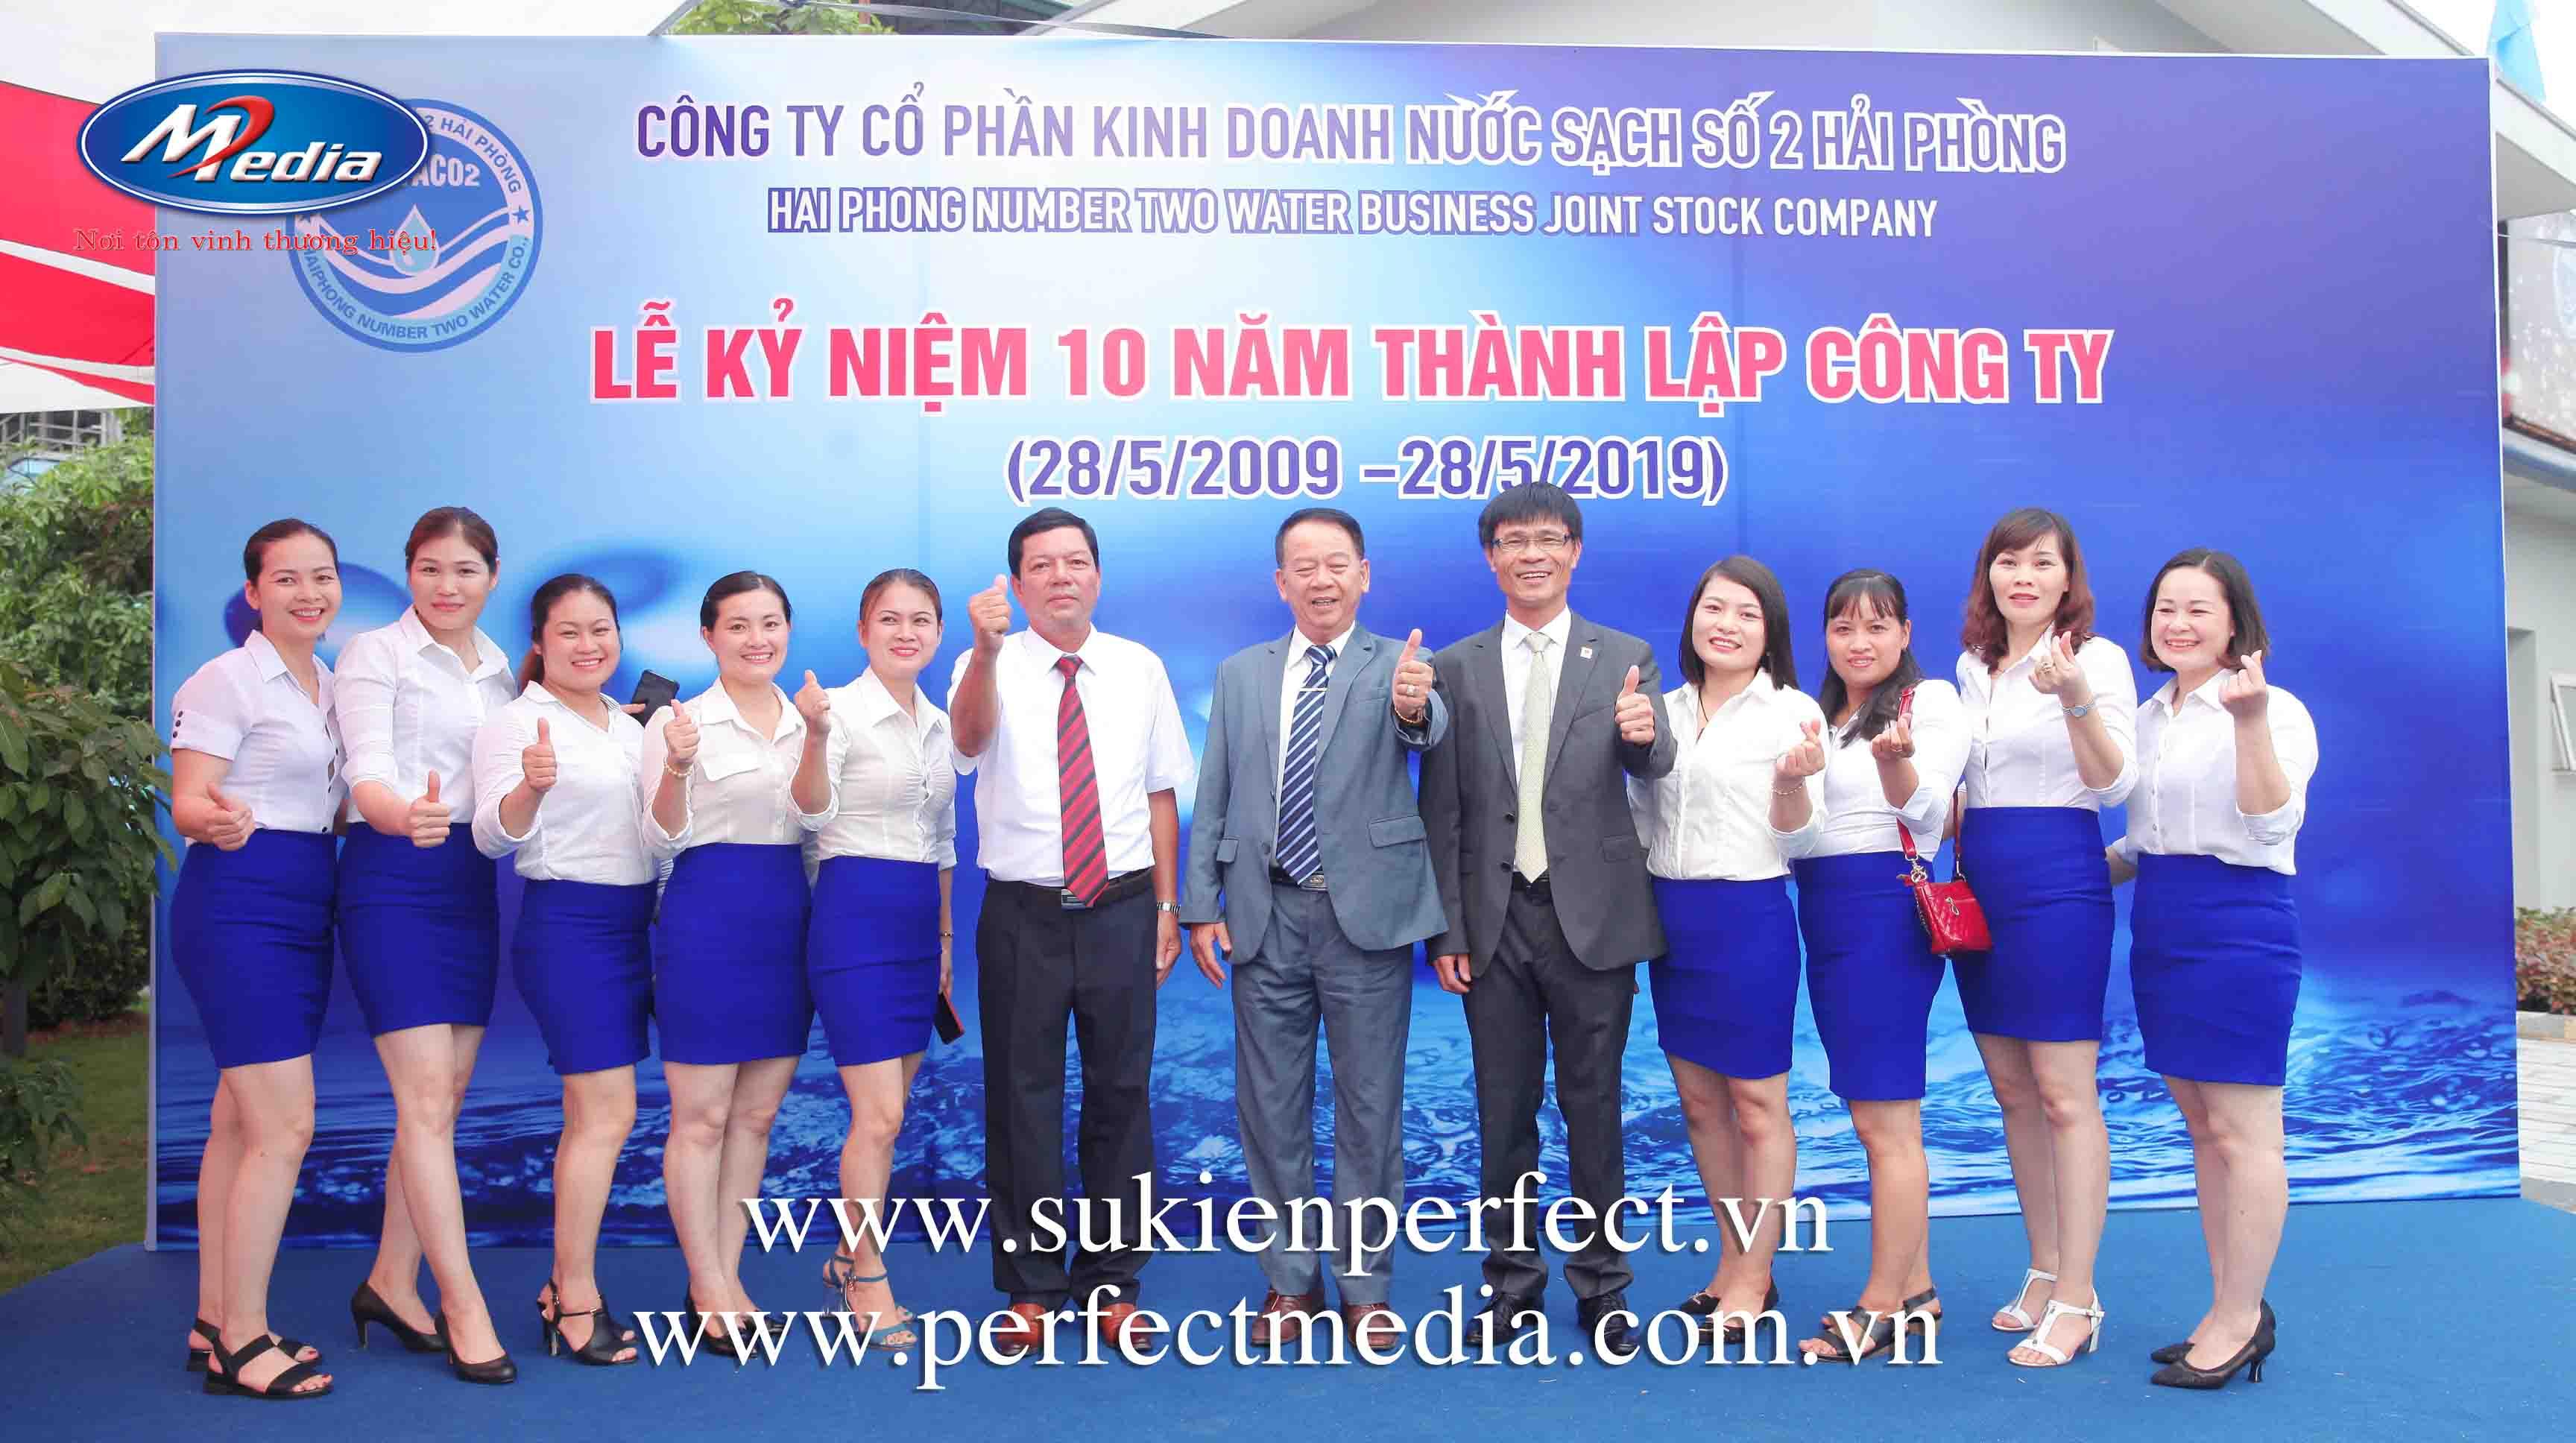 Lễ kỷ niệm 10 năm thành lập công ty Nước sạch số 2 Hải Phòng6a